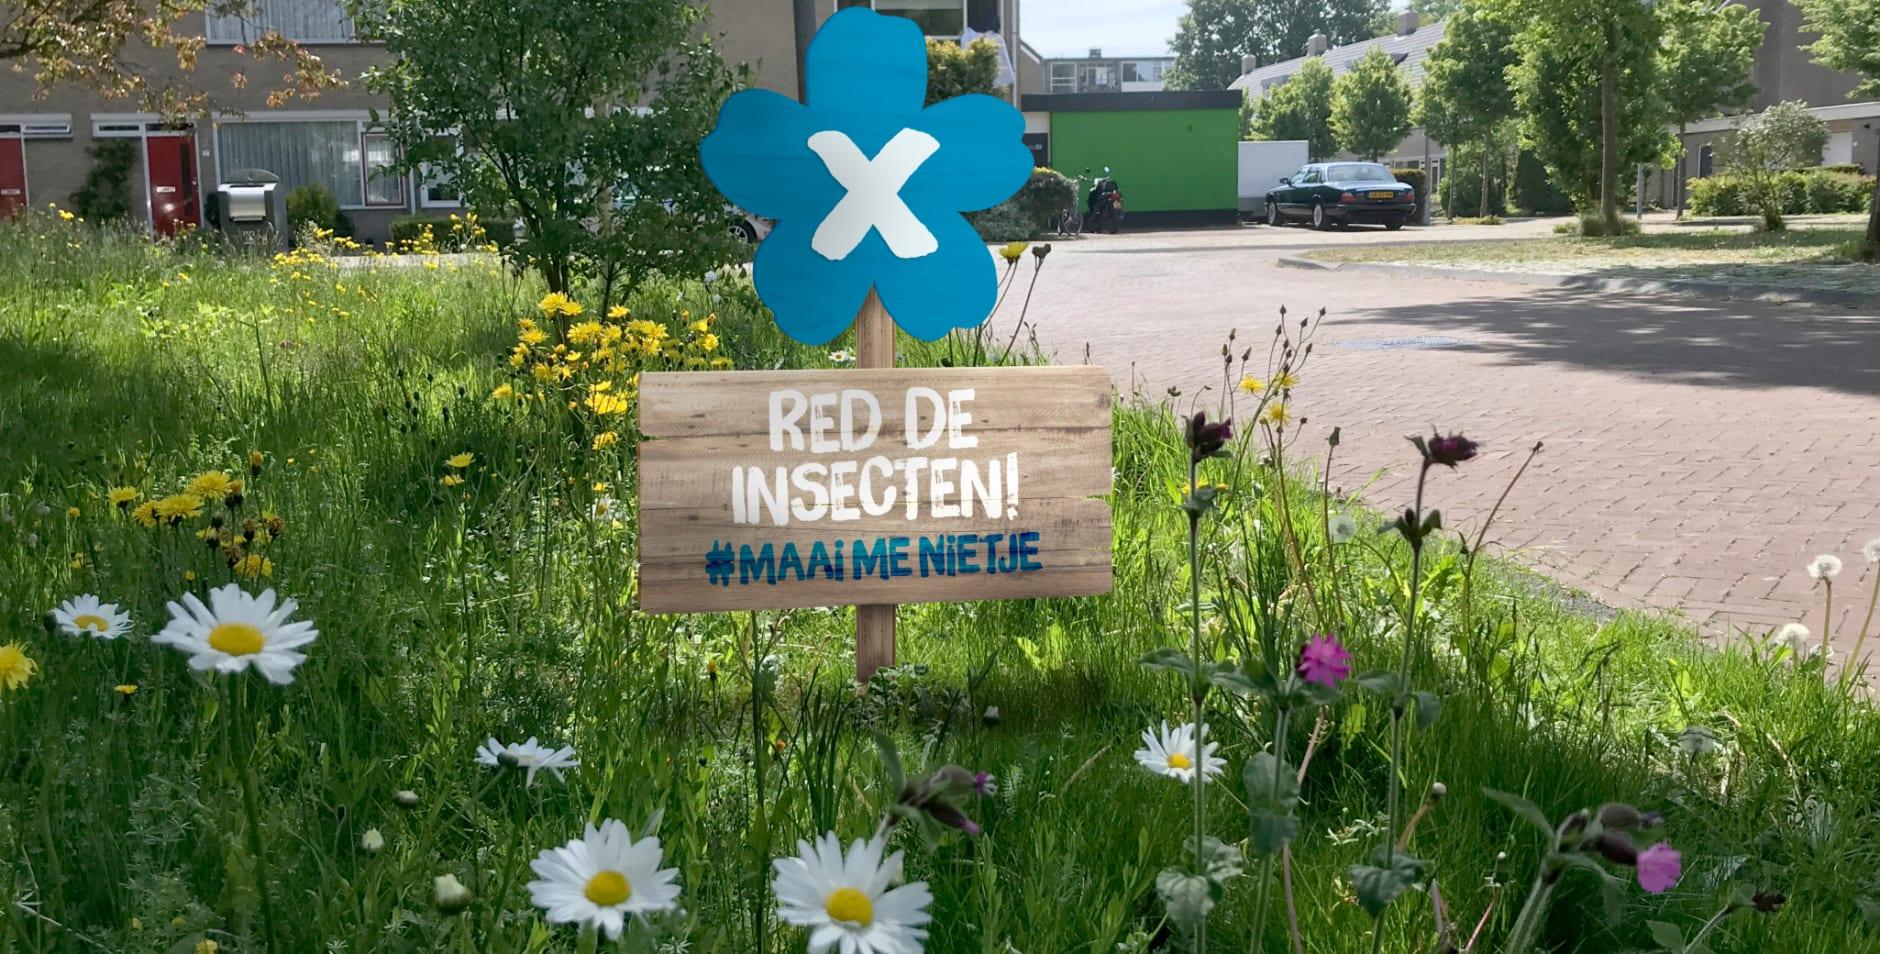 300 kom in actie - insectenpetitie - achterplaat